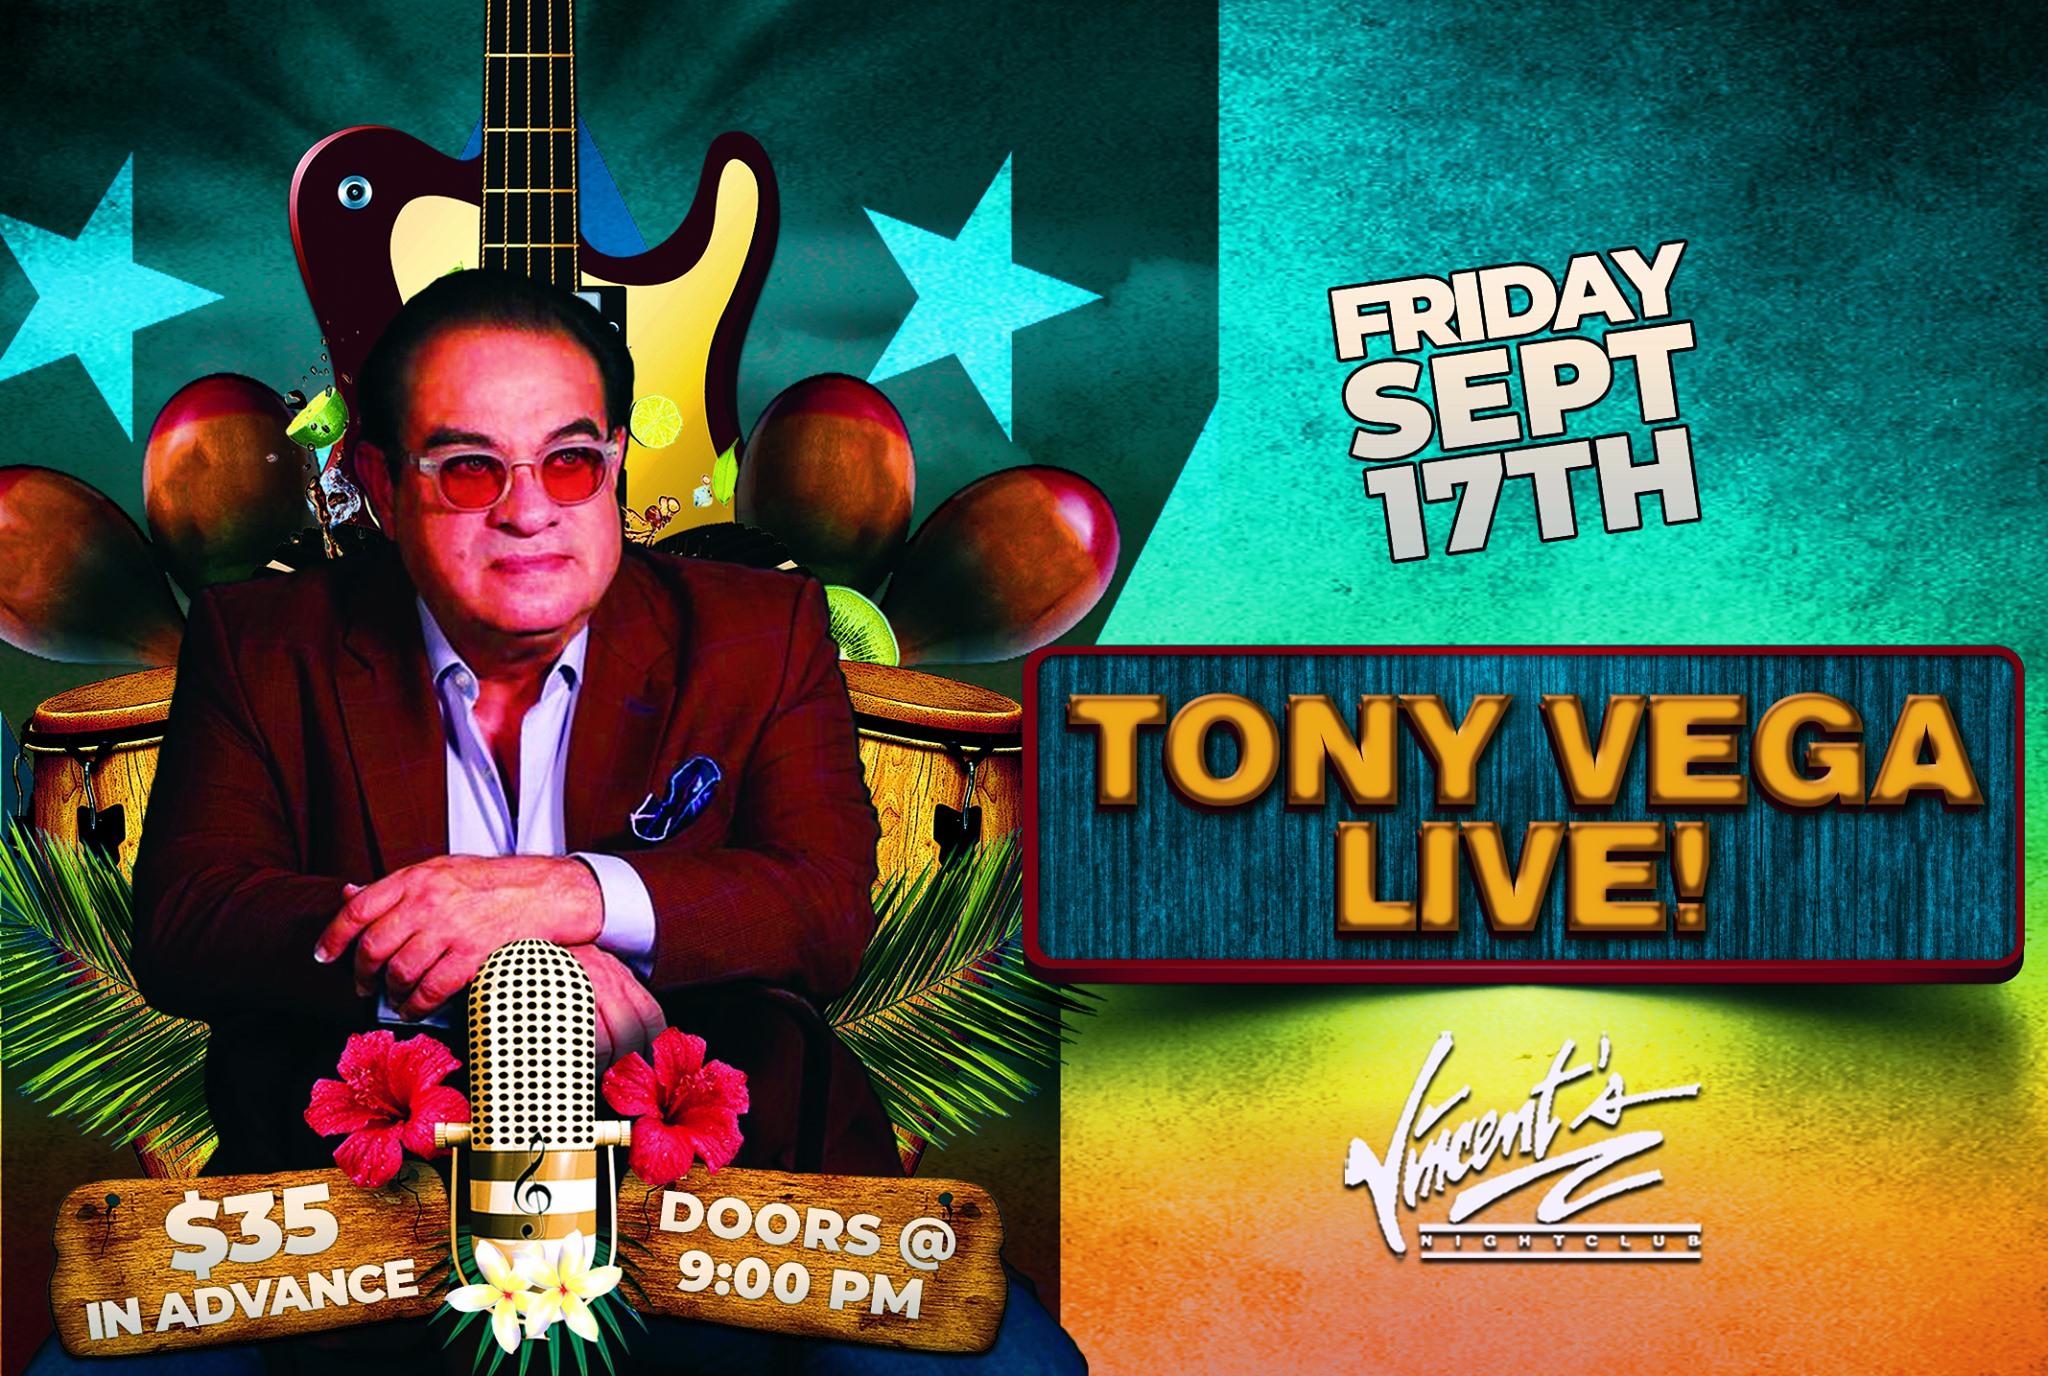 Tony Vega At Vincent's Nightclub